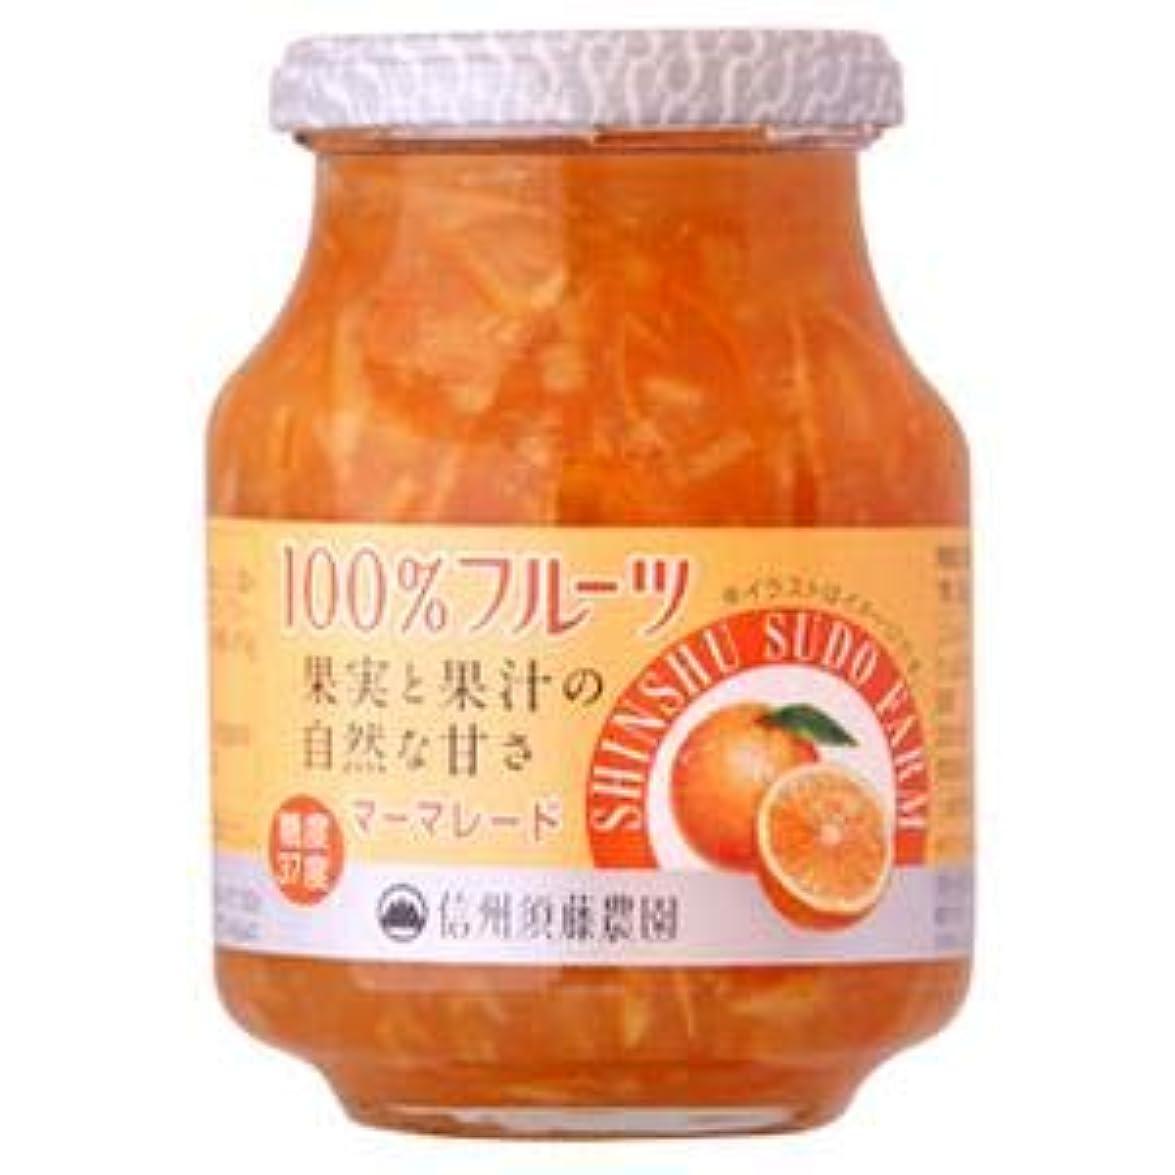 芸術的十分にギャング信州須藤農園 100%フルーツマーマレード415g